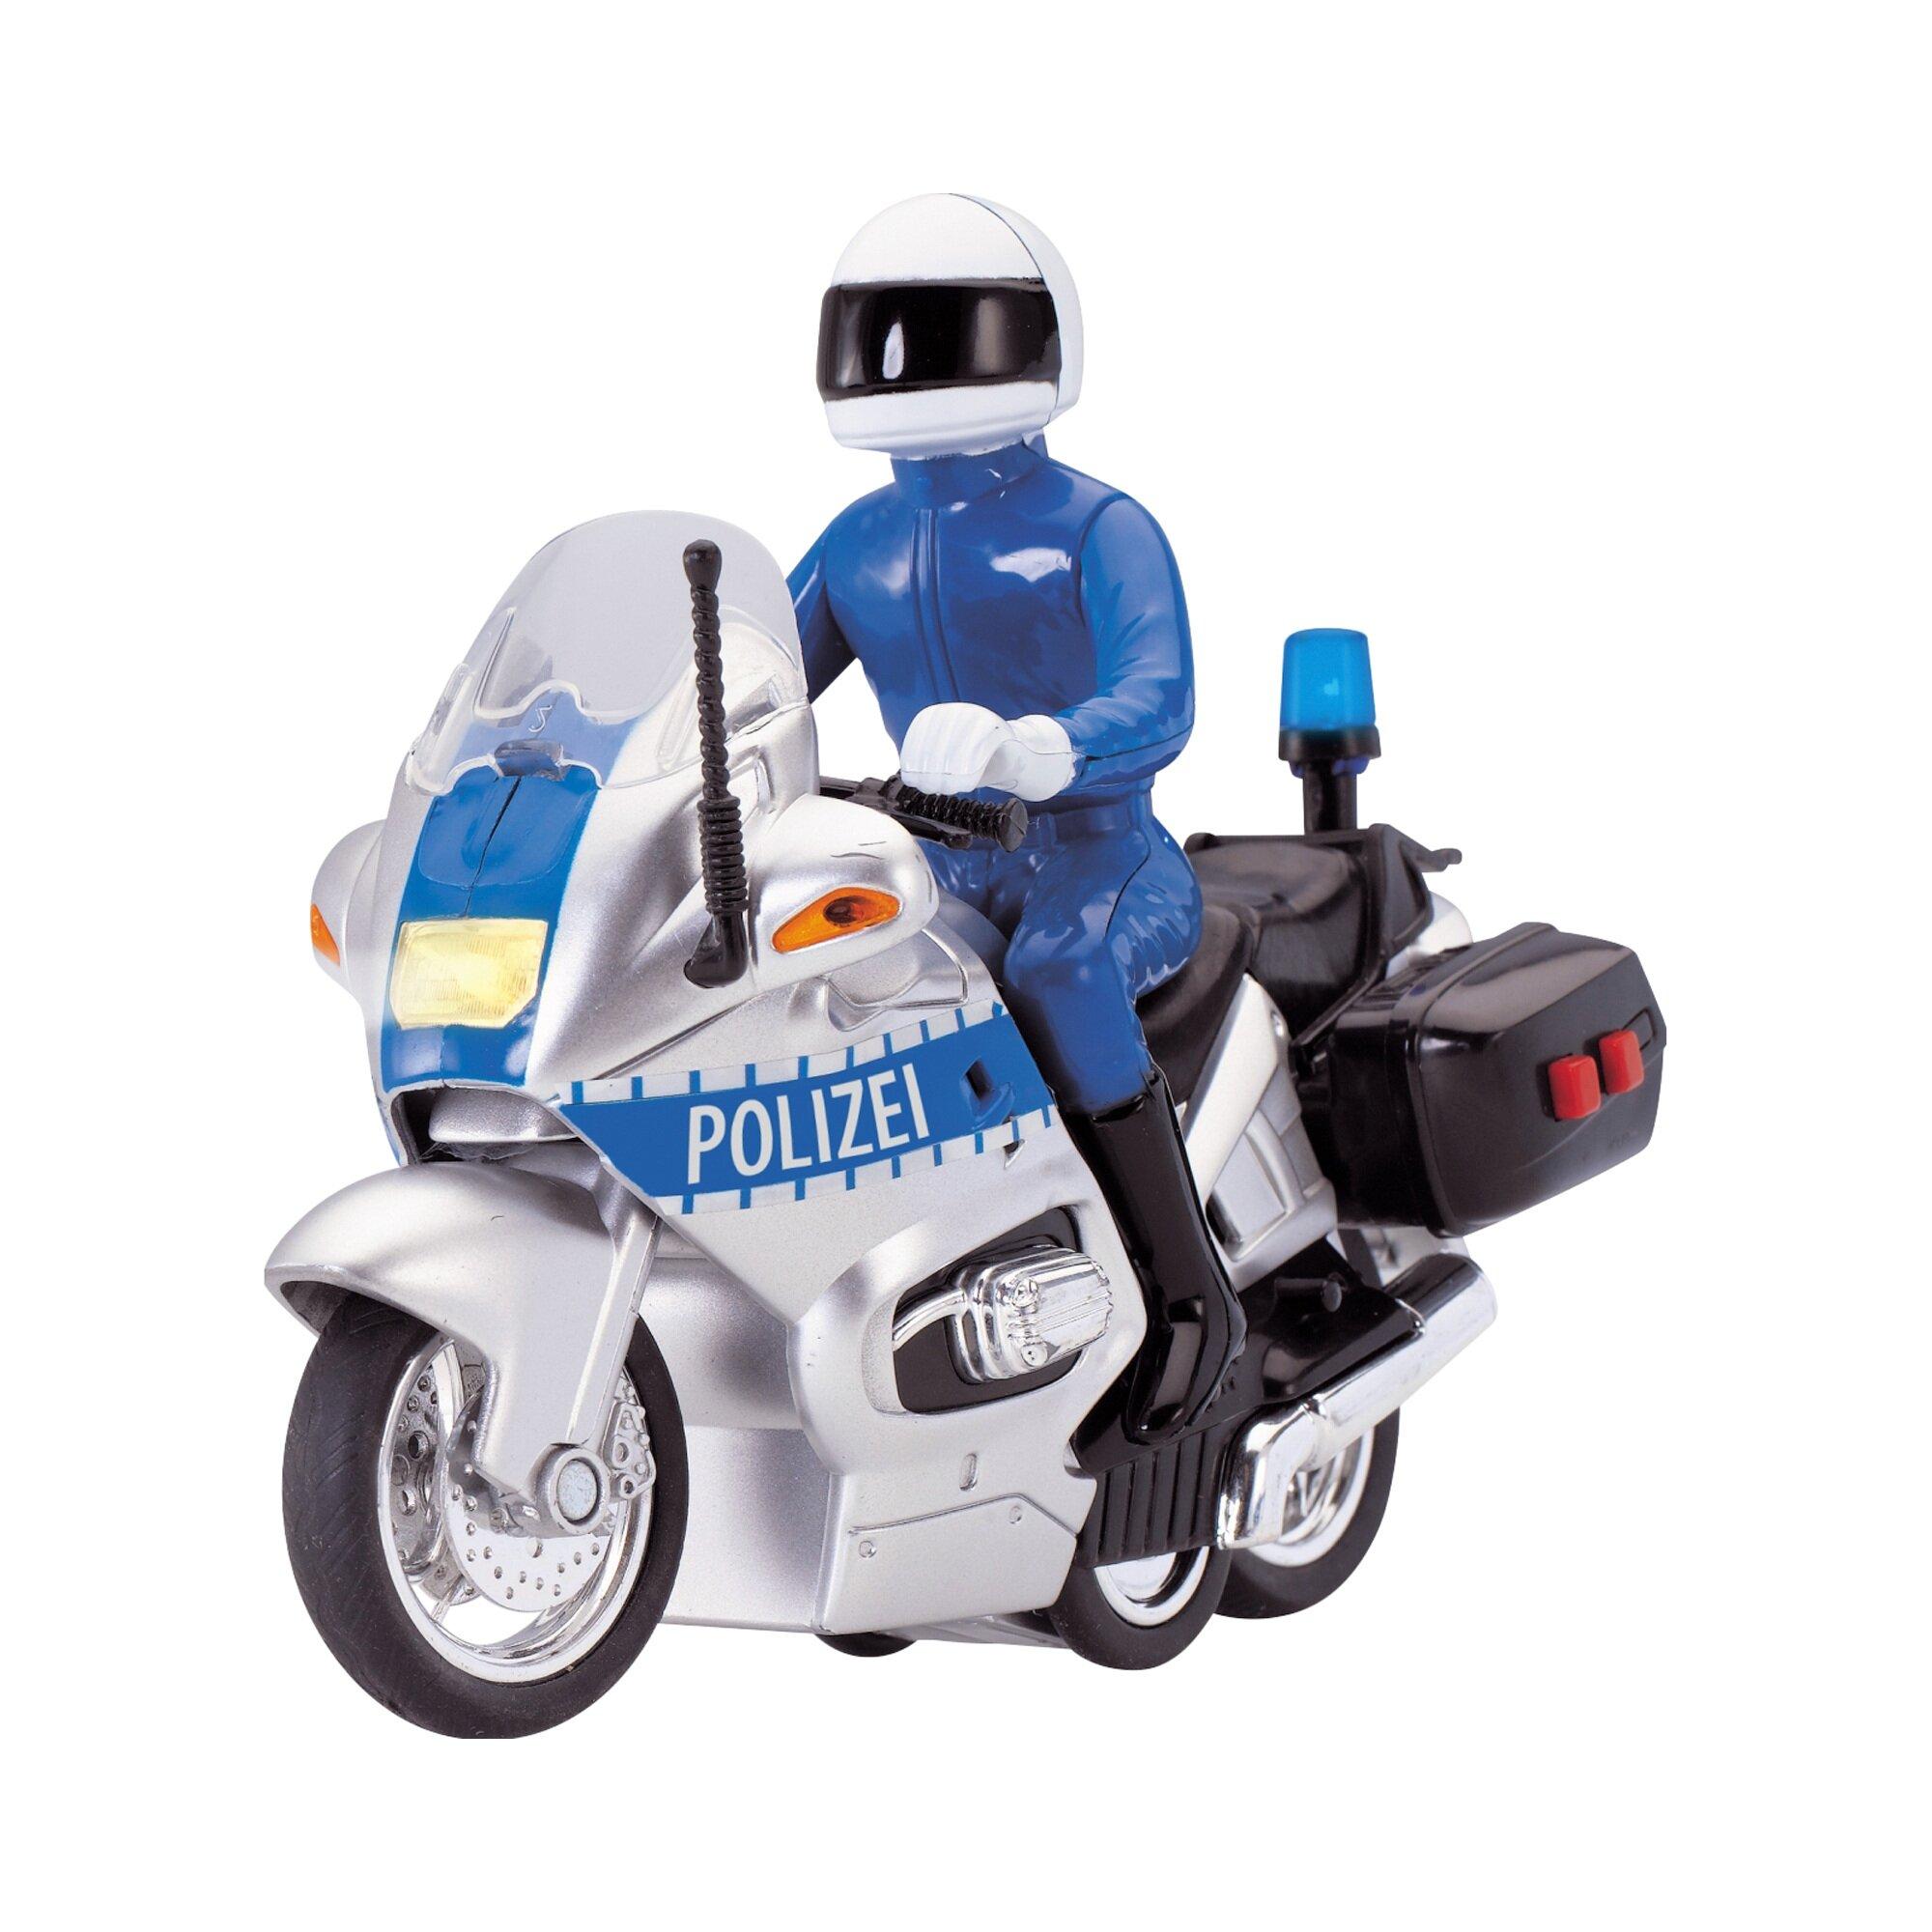 Dickie Toys Polizeimotorrad Police Bike